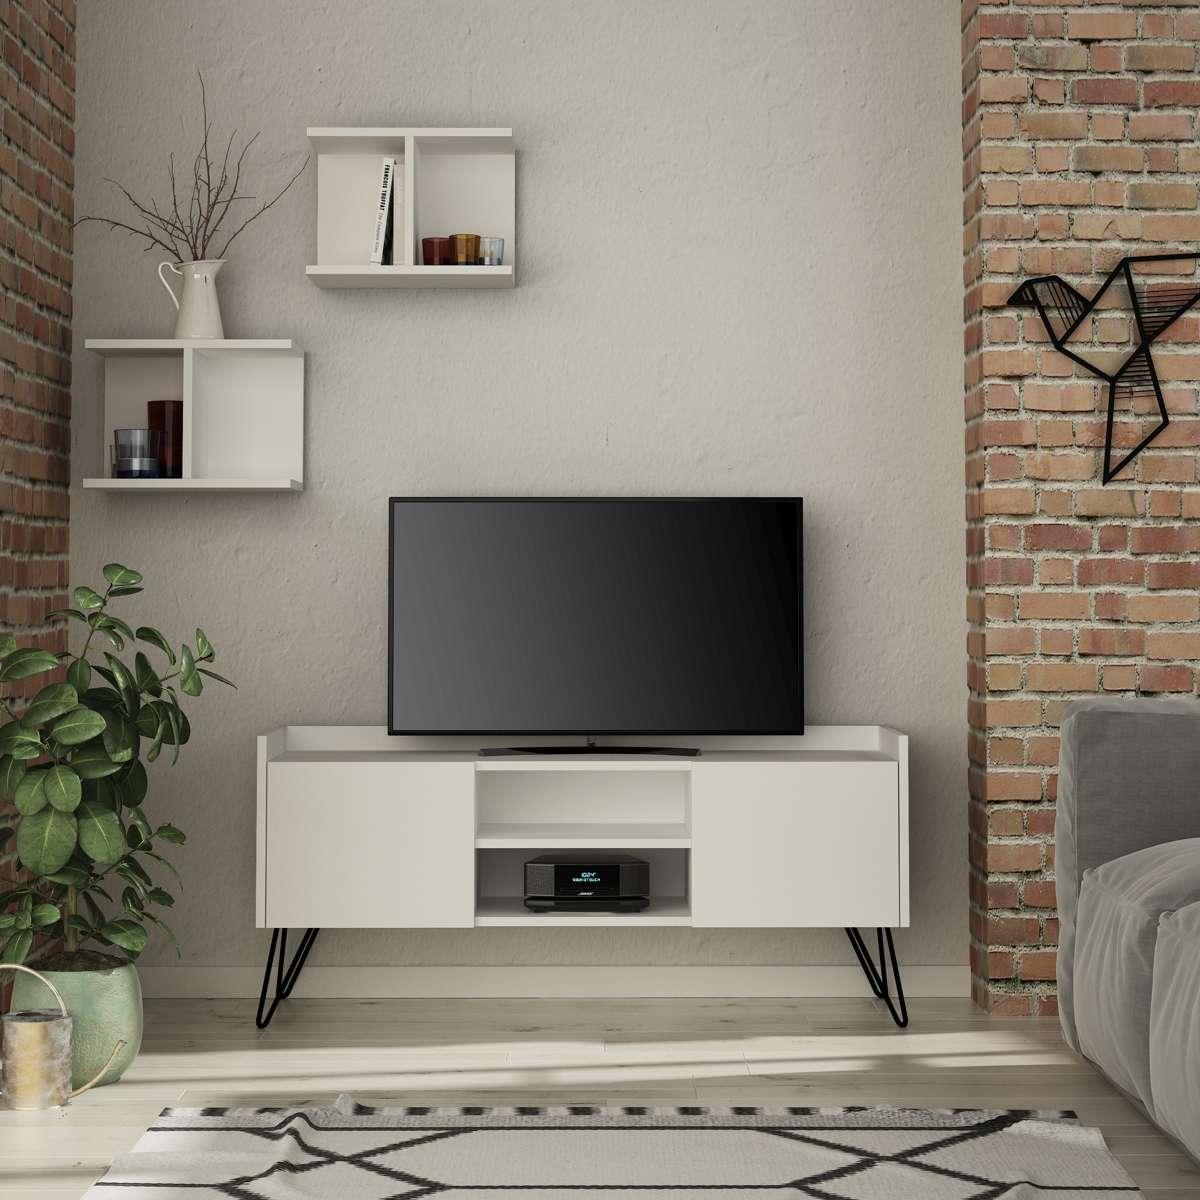 מזנון טלוויזיה KlappeTV לבן 125ס